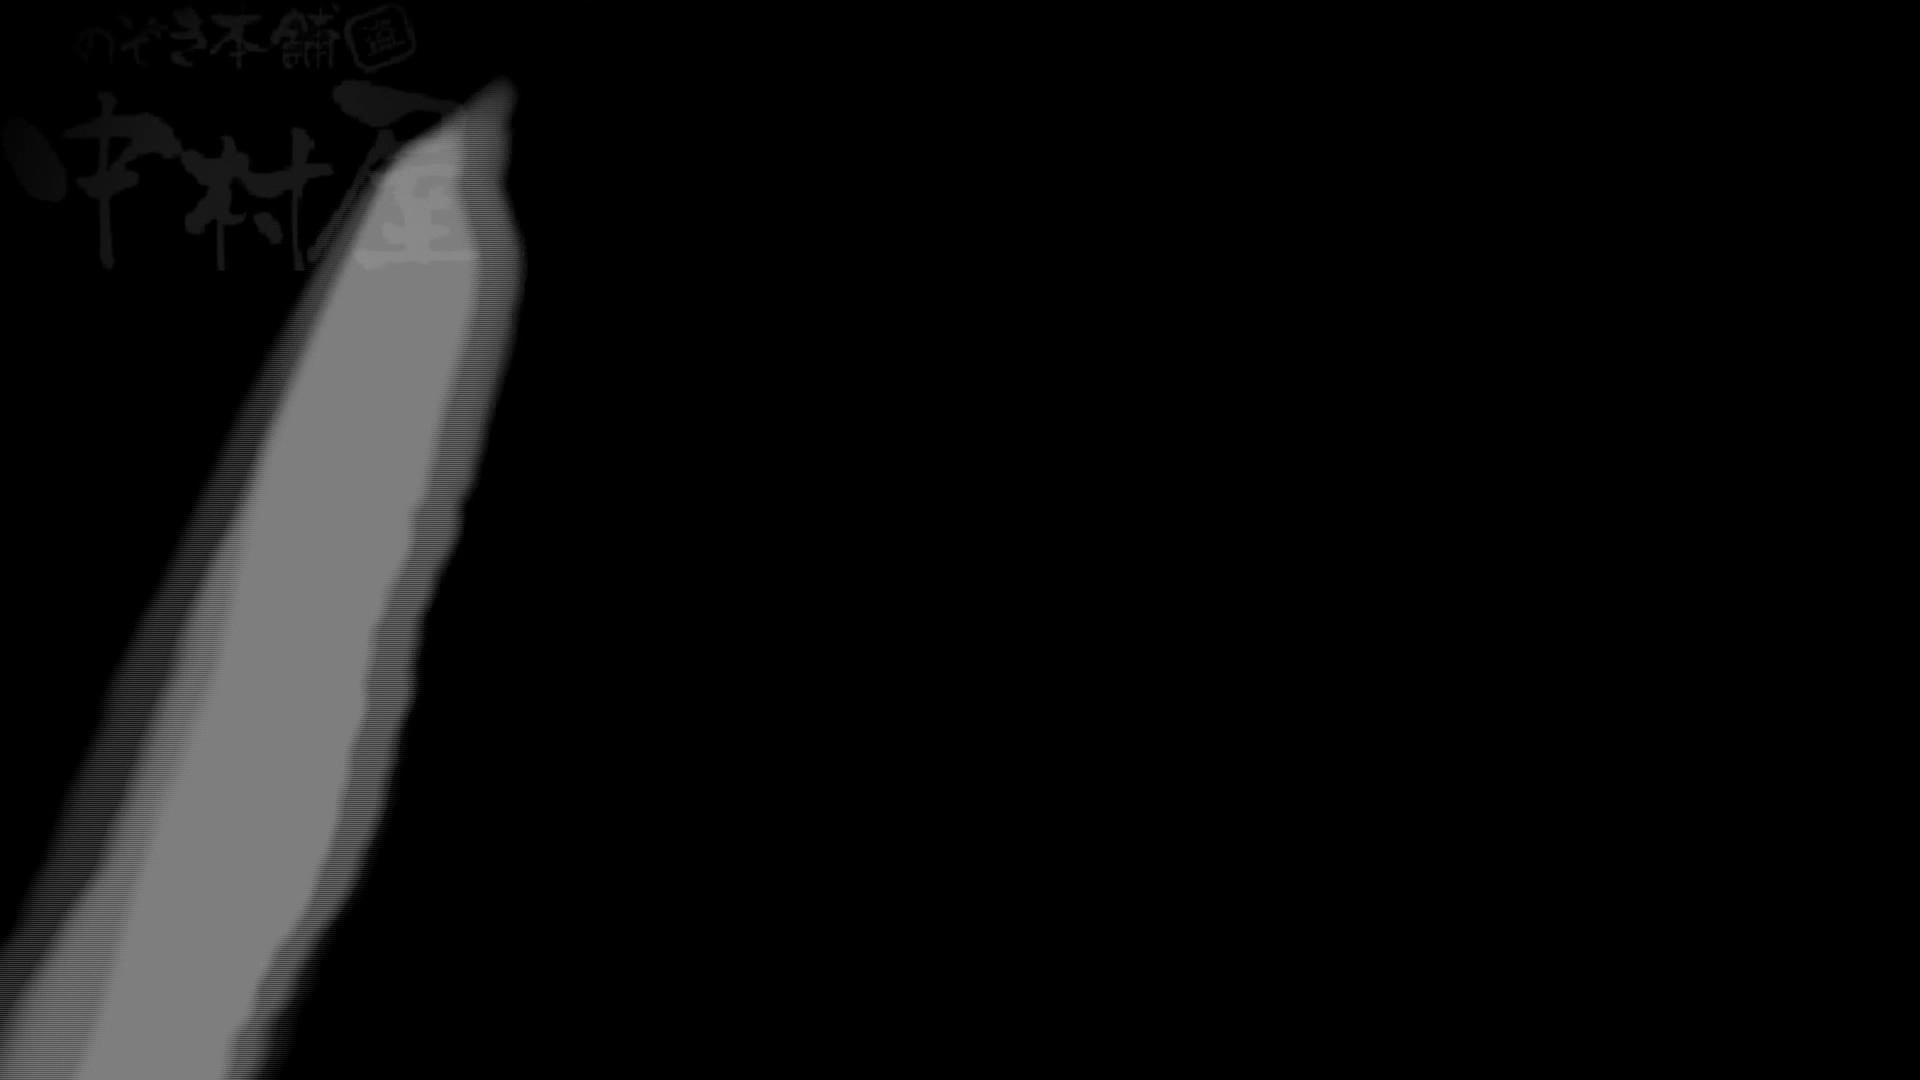 美しい日本の未来 No.22 未来進歩3 感動レベル予告のモデルつい登場か!! 盗撮大放出 女性器鑑賞 60連発 2